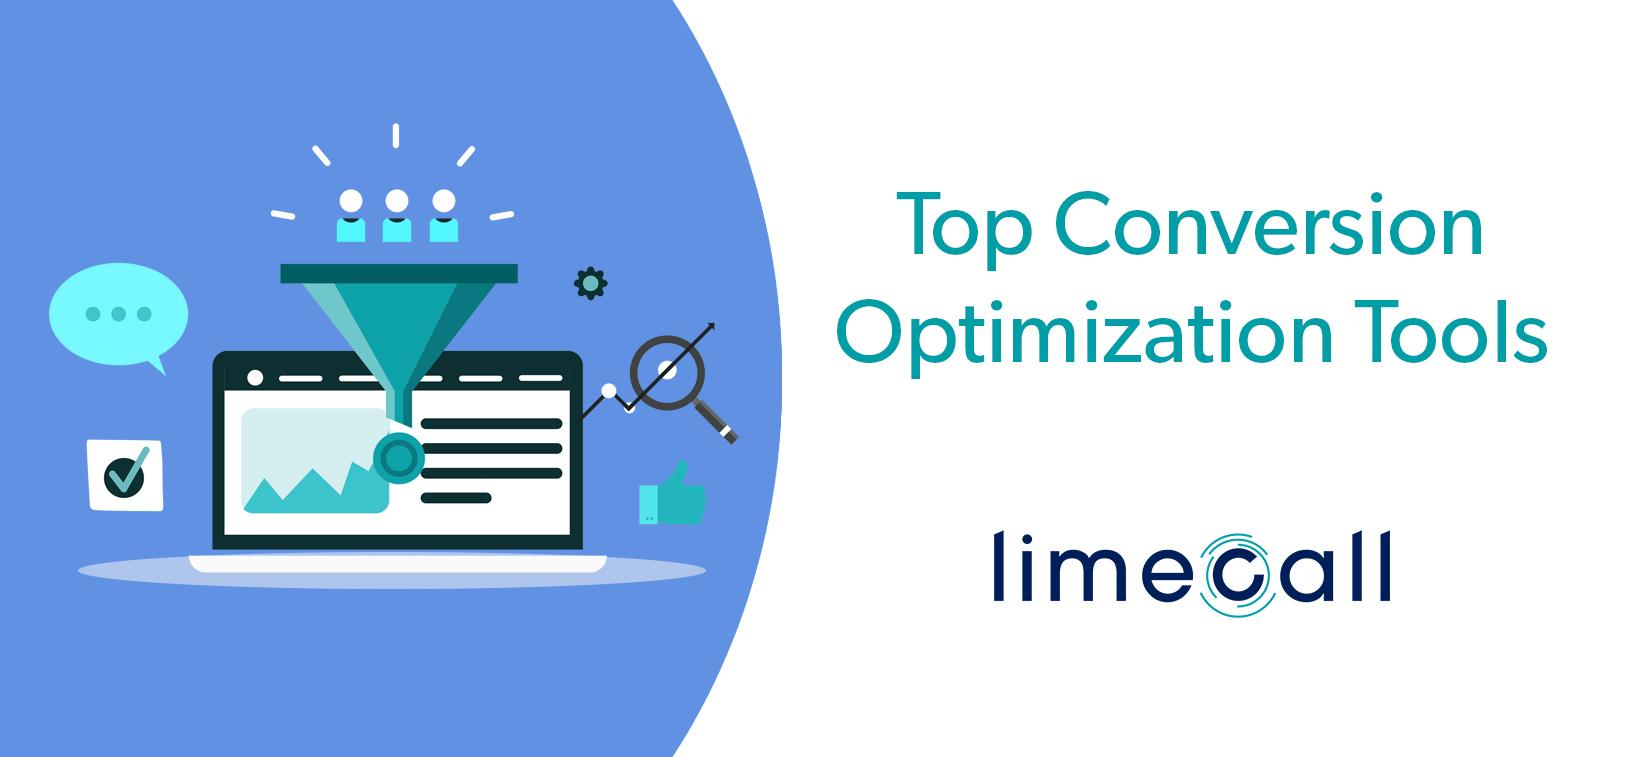 Top Conversion Optimization Tools